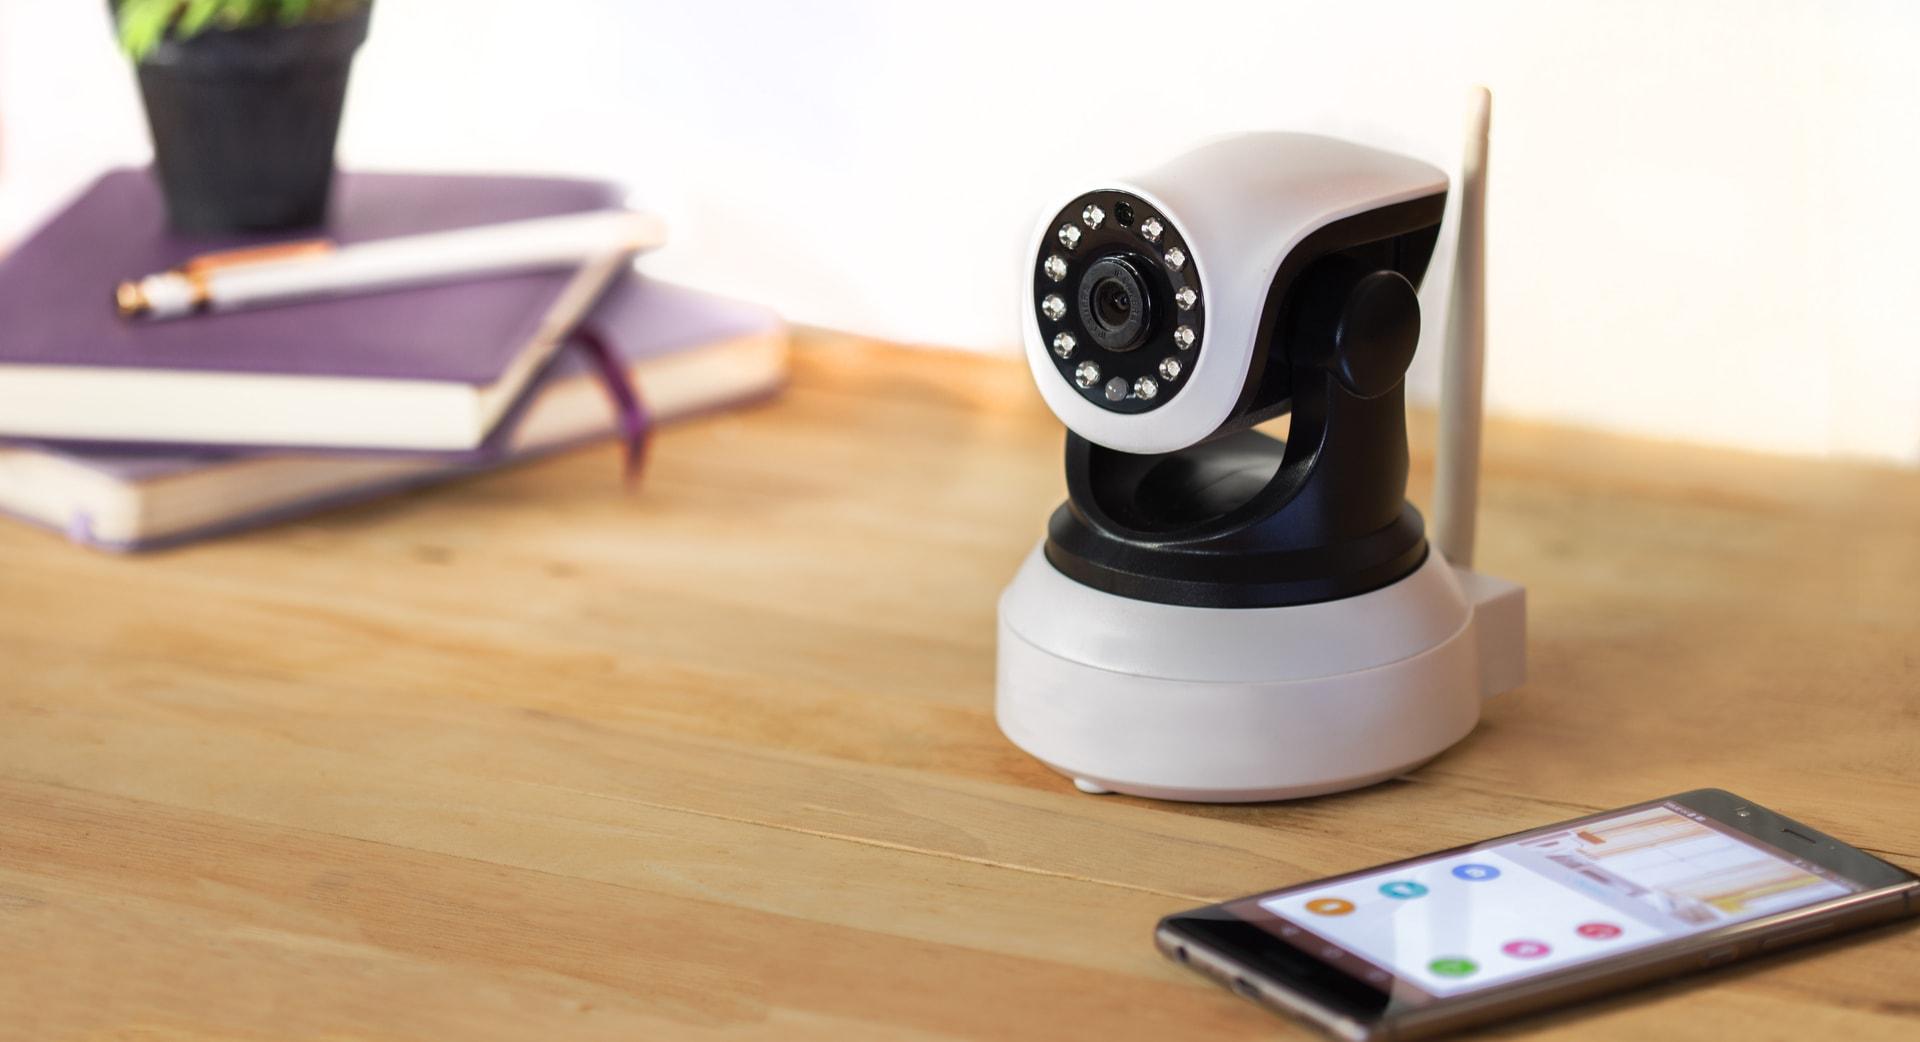 Camera op houten tafel naast smartphone voor camerabewaking via internet van GW Security Group